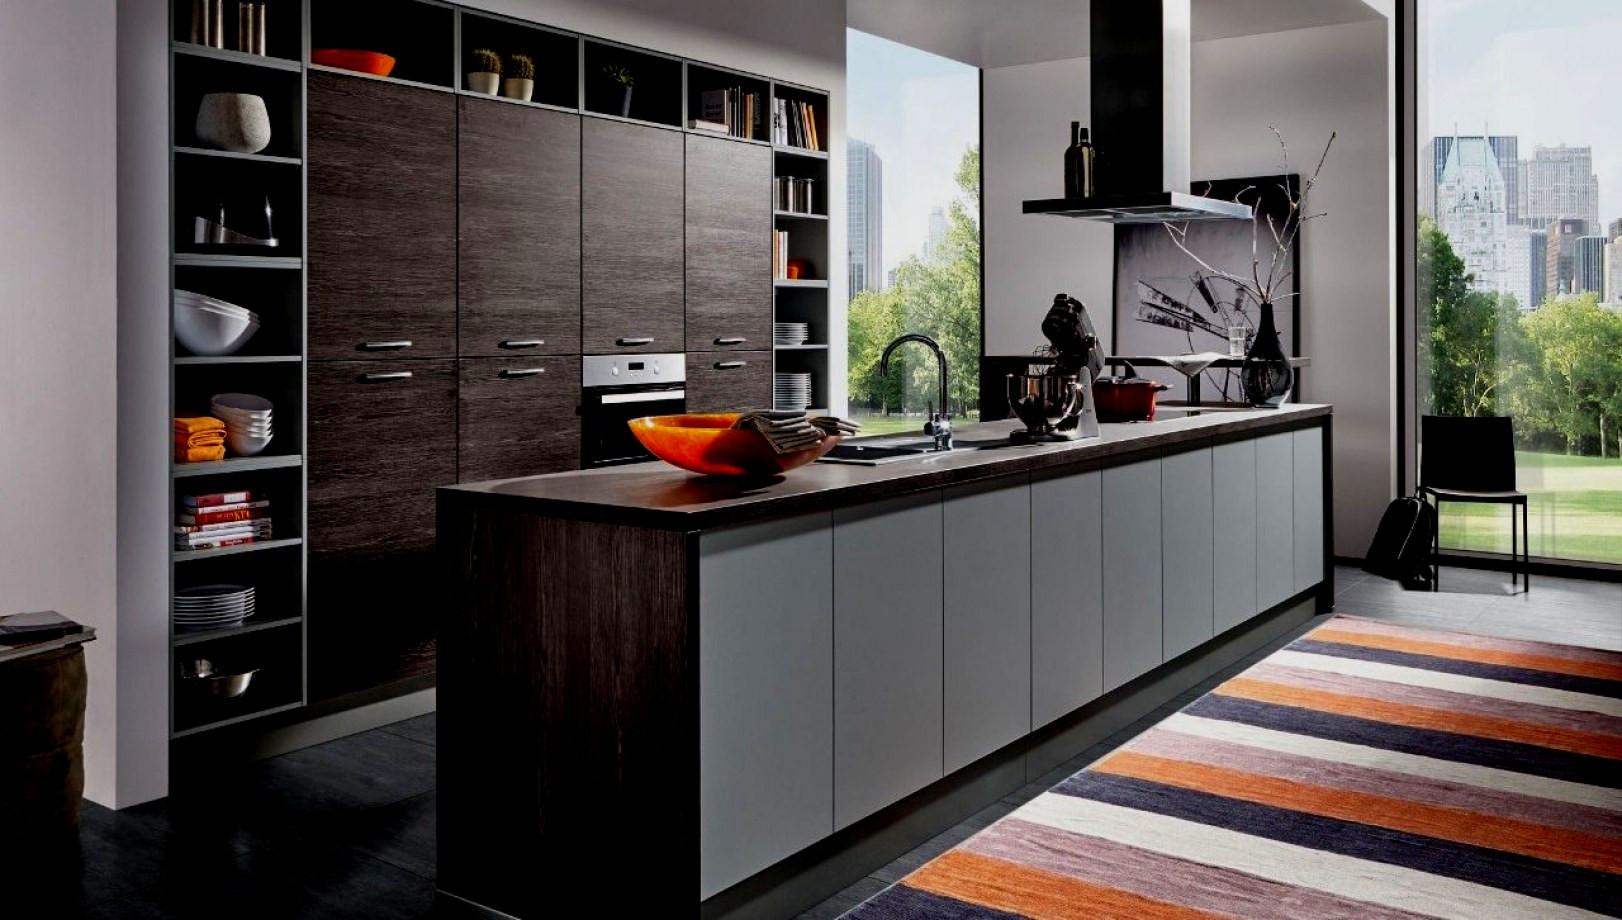 Küche Kaufen Roller  Erregend Kuche Kaufen Roller Entwurf Ideen Klapptisch